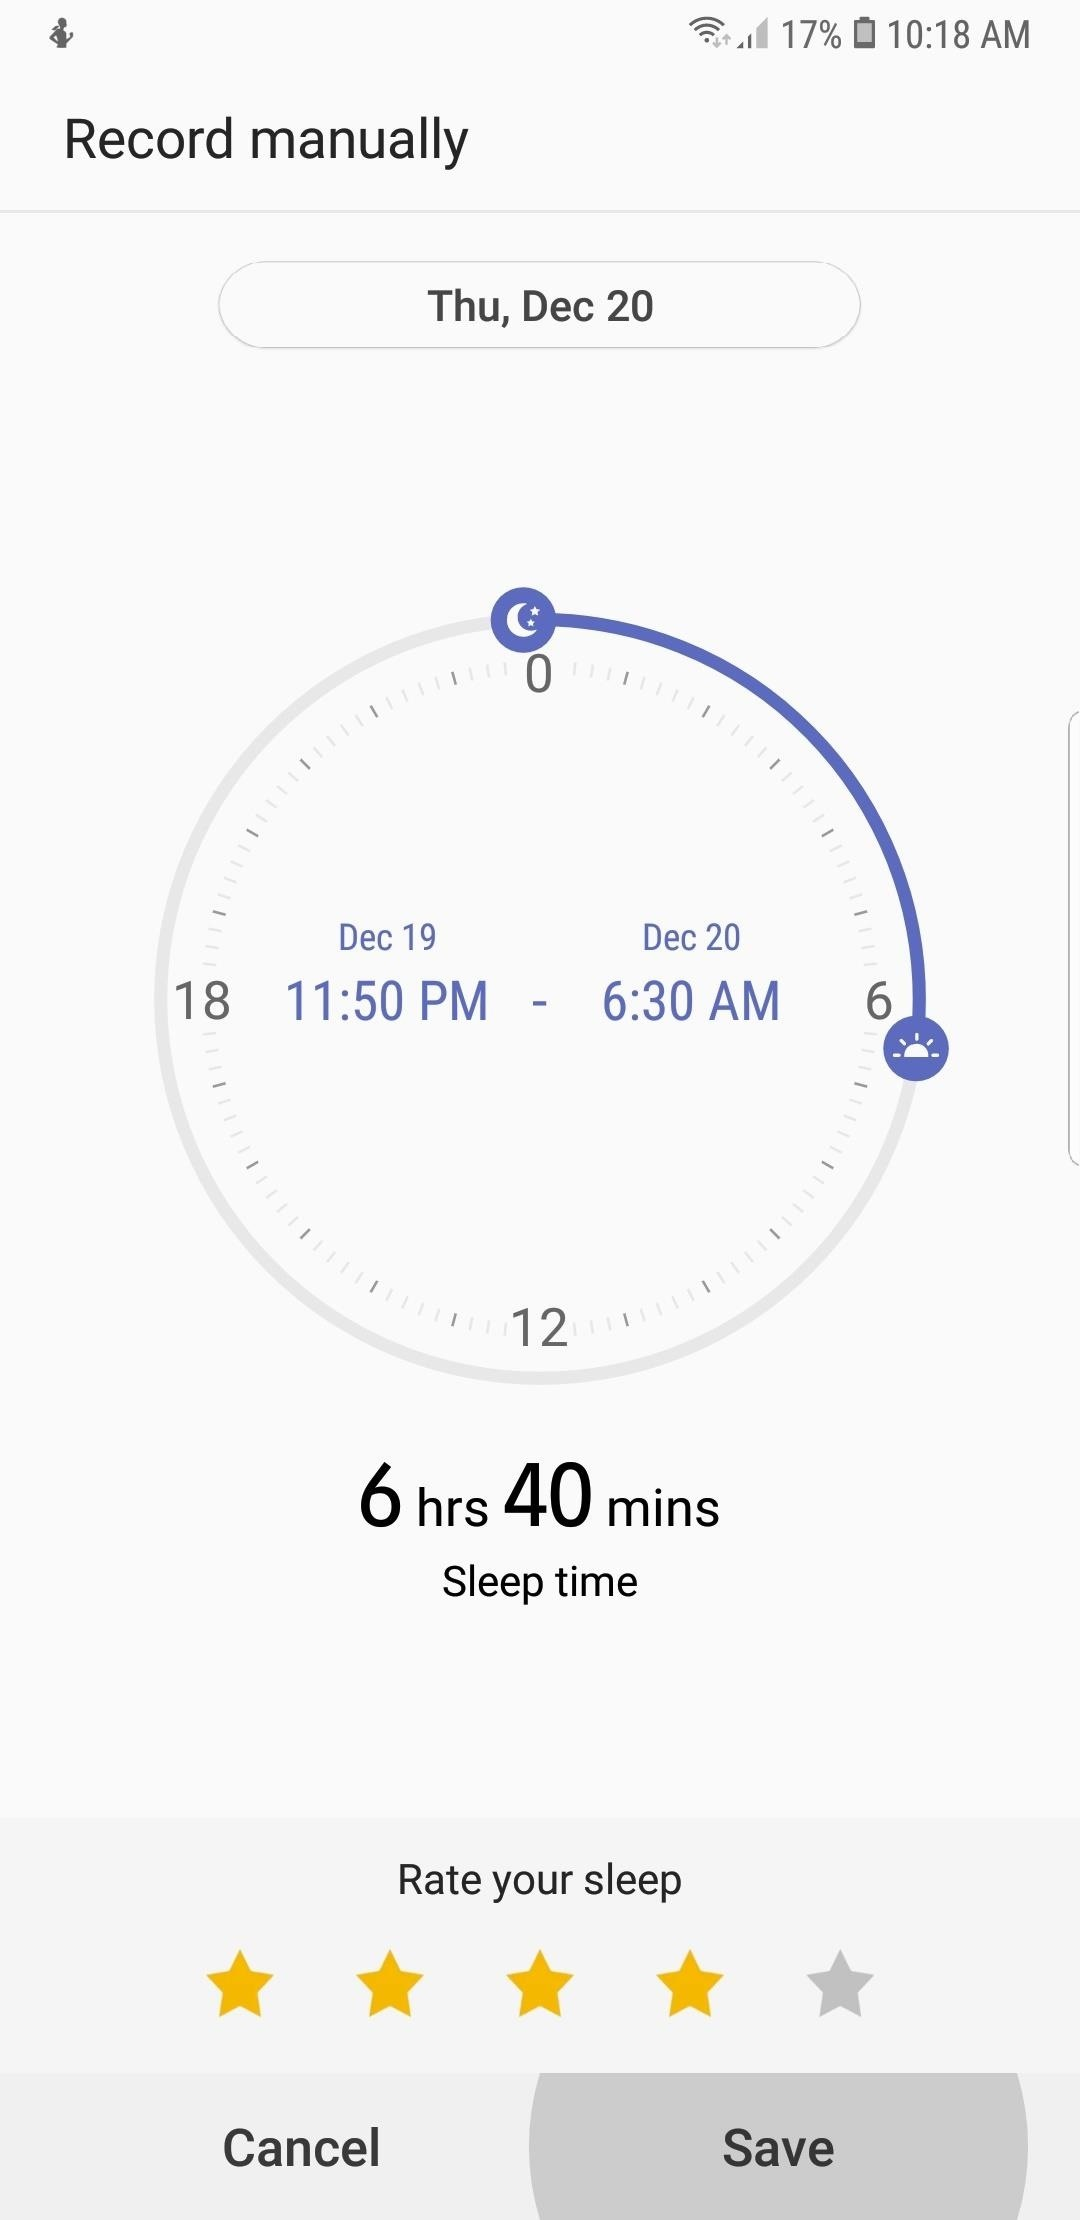 كيفية تسجيل أنماط النوم الخاصة بك مع الصحة سامسونج - لا حاجة للارتداء